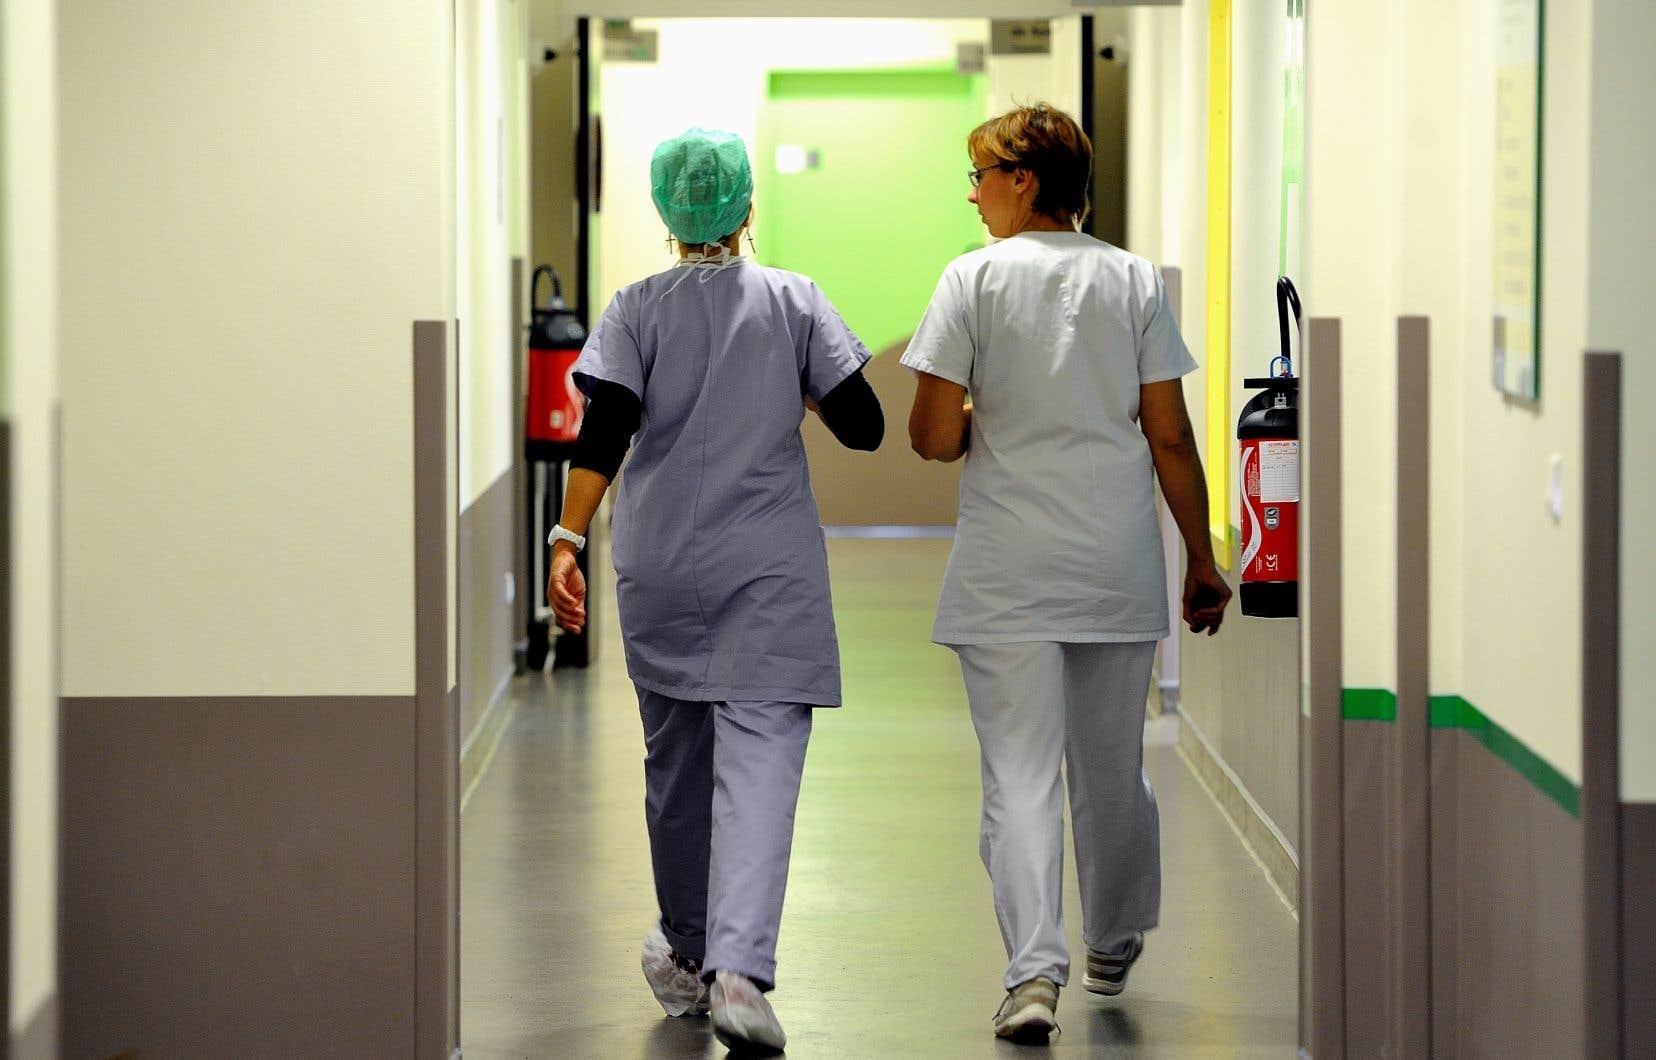 Lancés en 2018, les projets ratios visent à mesurer l'incidence de l'ajout d'infirmières sur la qualité des soins et la motivation du personnel dans différents milieux.